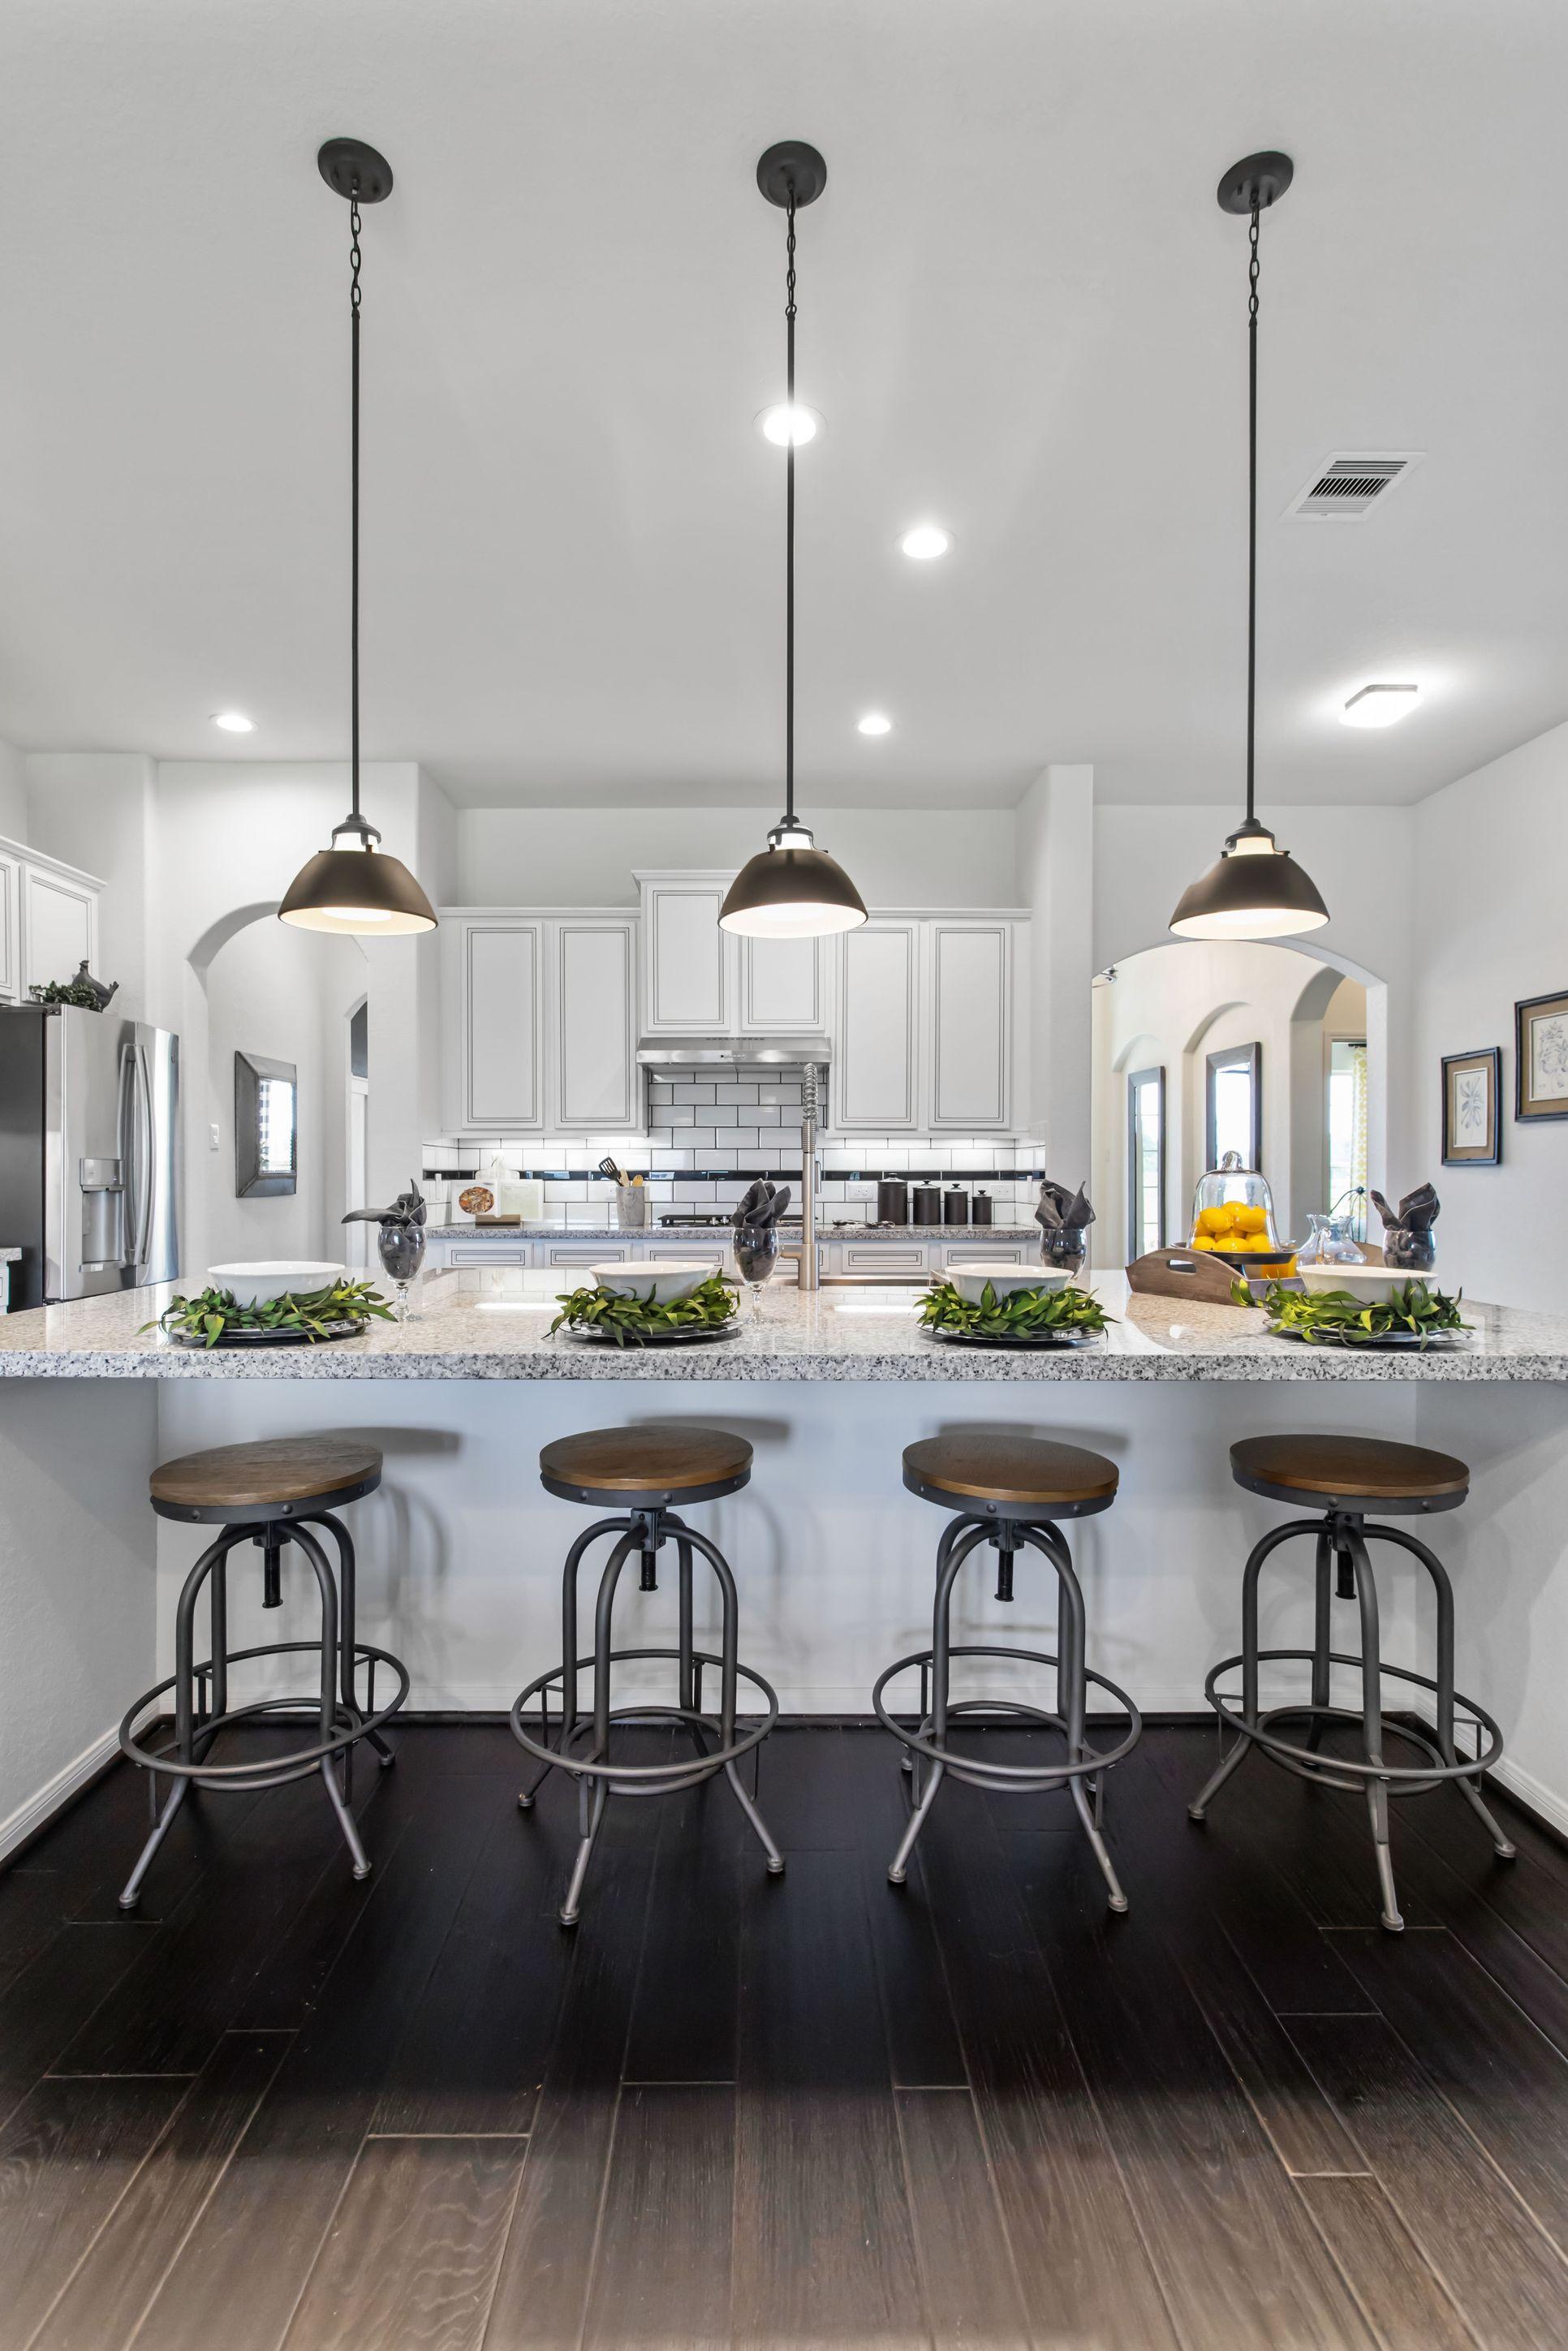 Interior:Breakfast bar in kitchen